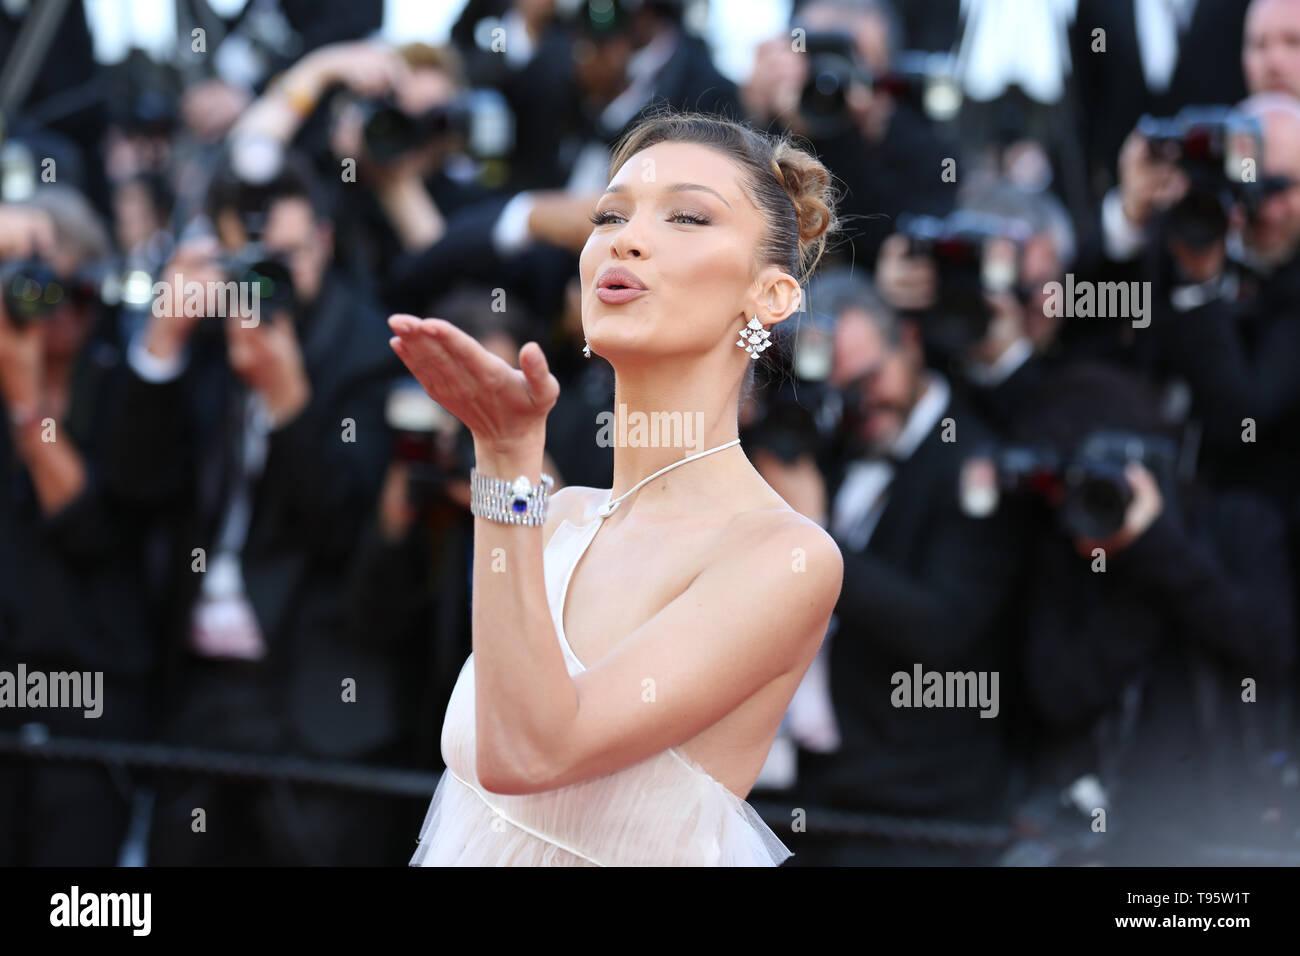 CANNES, Frankreich - 16. Mai: Bella Hadid sorgt sich das Screening von 'Rocket Man' während der 72Nd Cannes Film Festival (Credit: Mickael Chavet/Projekt Daybreak/Alamy Live-Nachrichten) Stockfoto